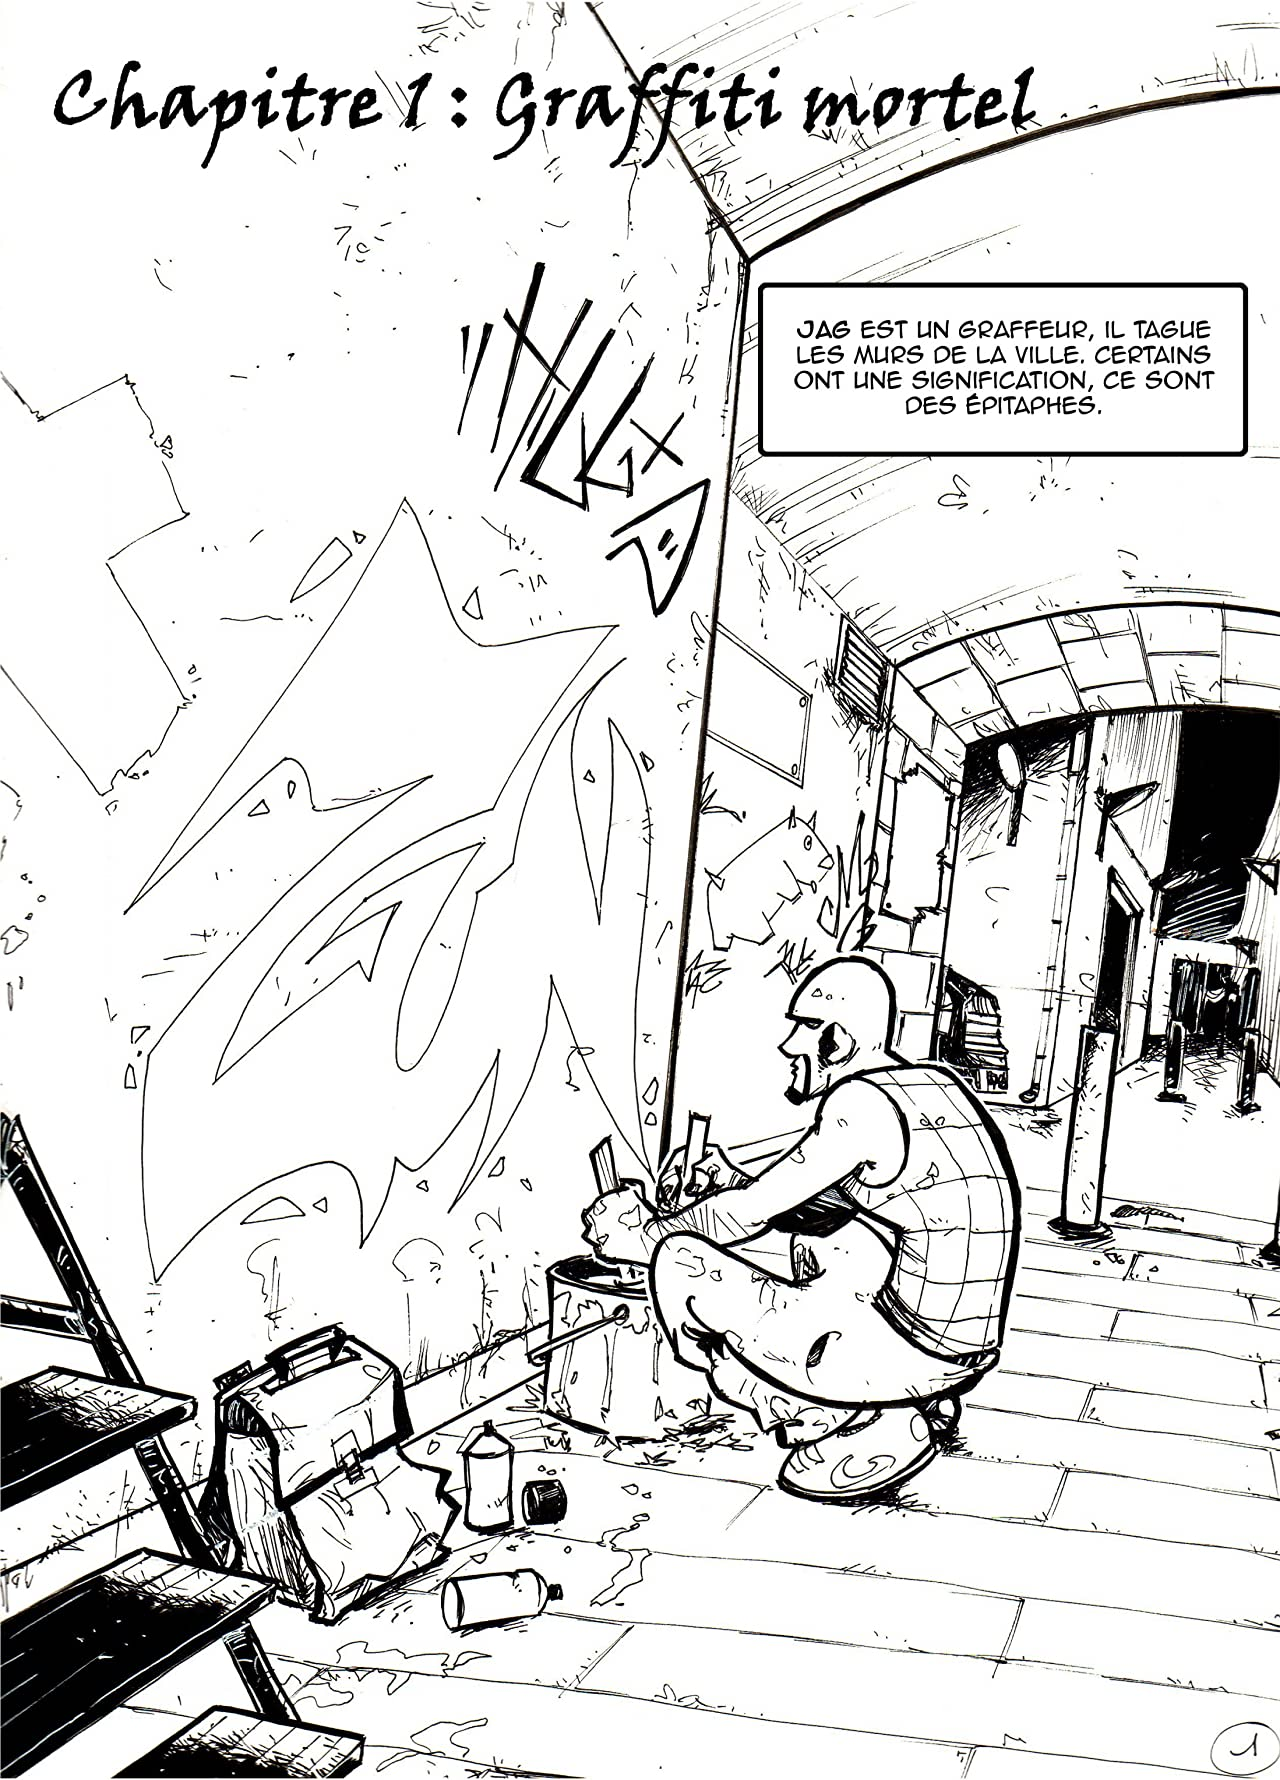 Freddy Marteau - Eternal Graffiti